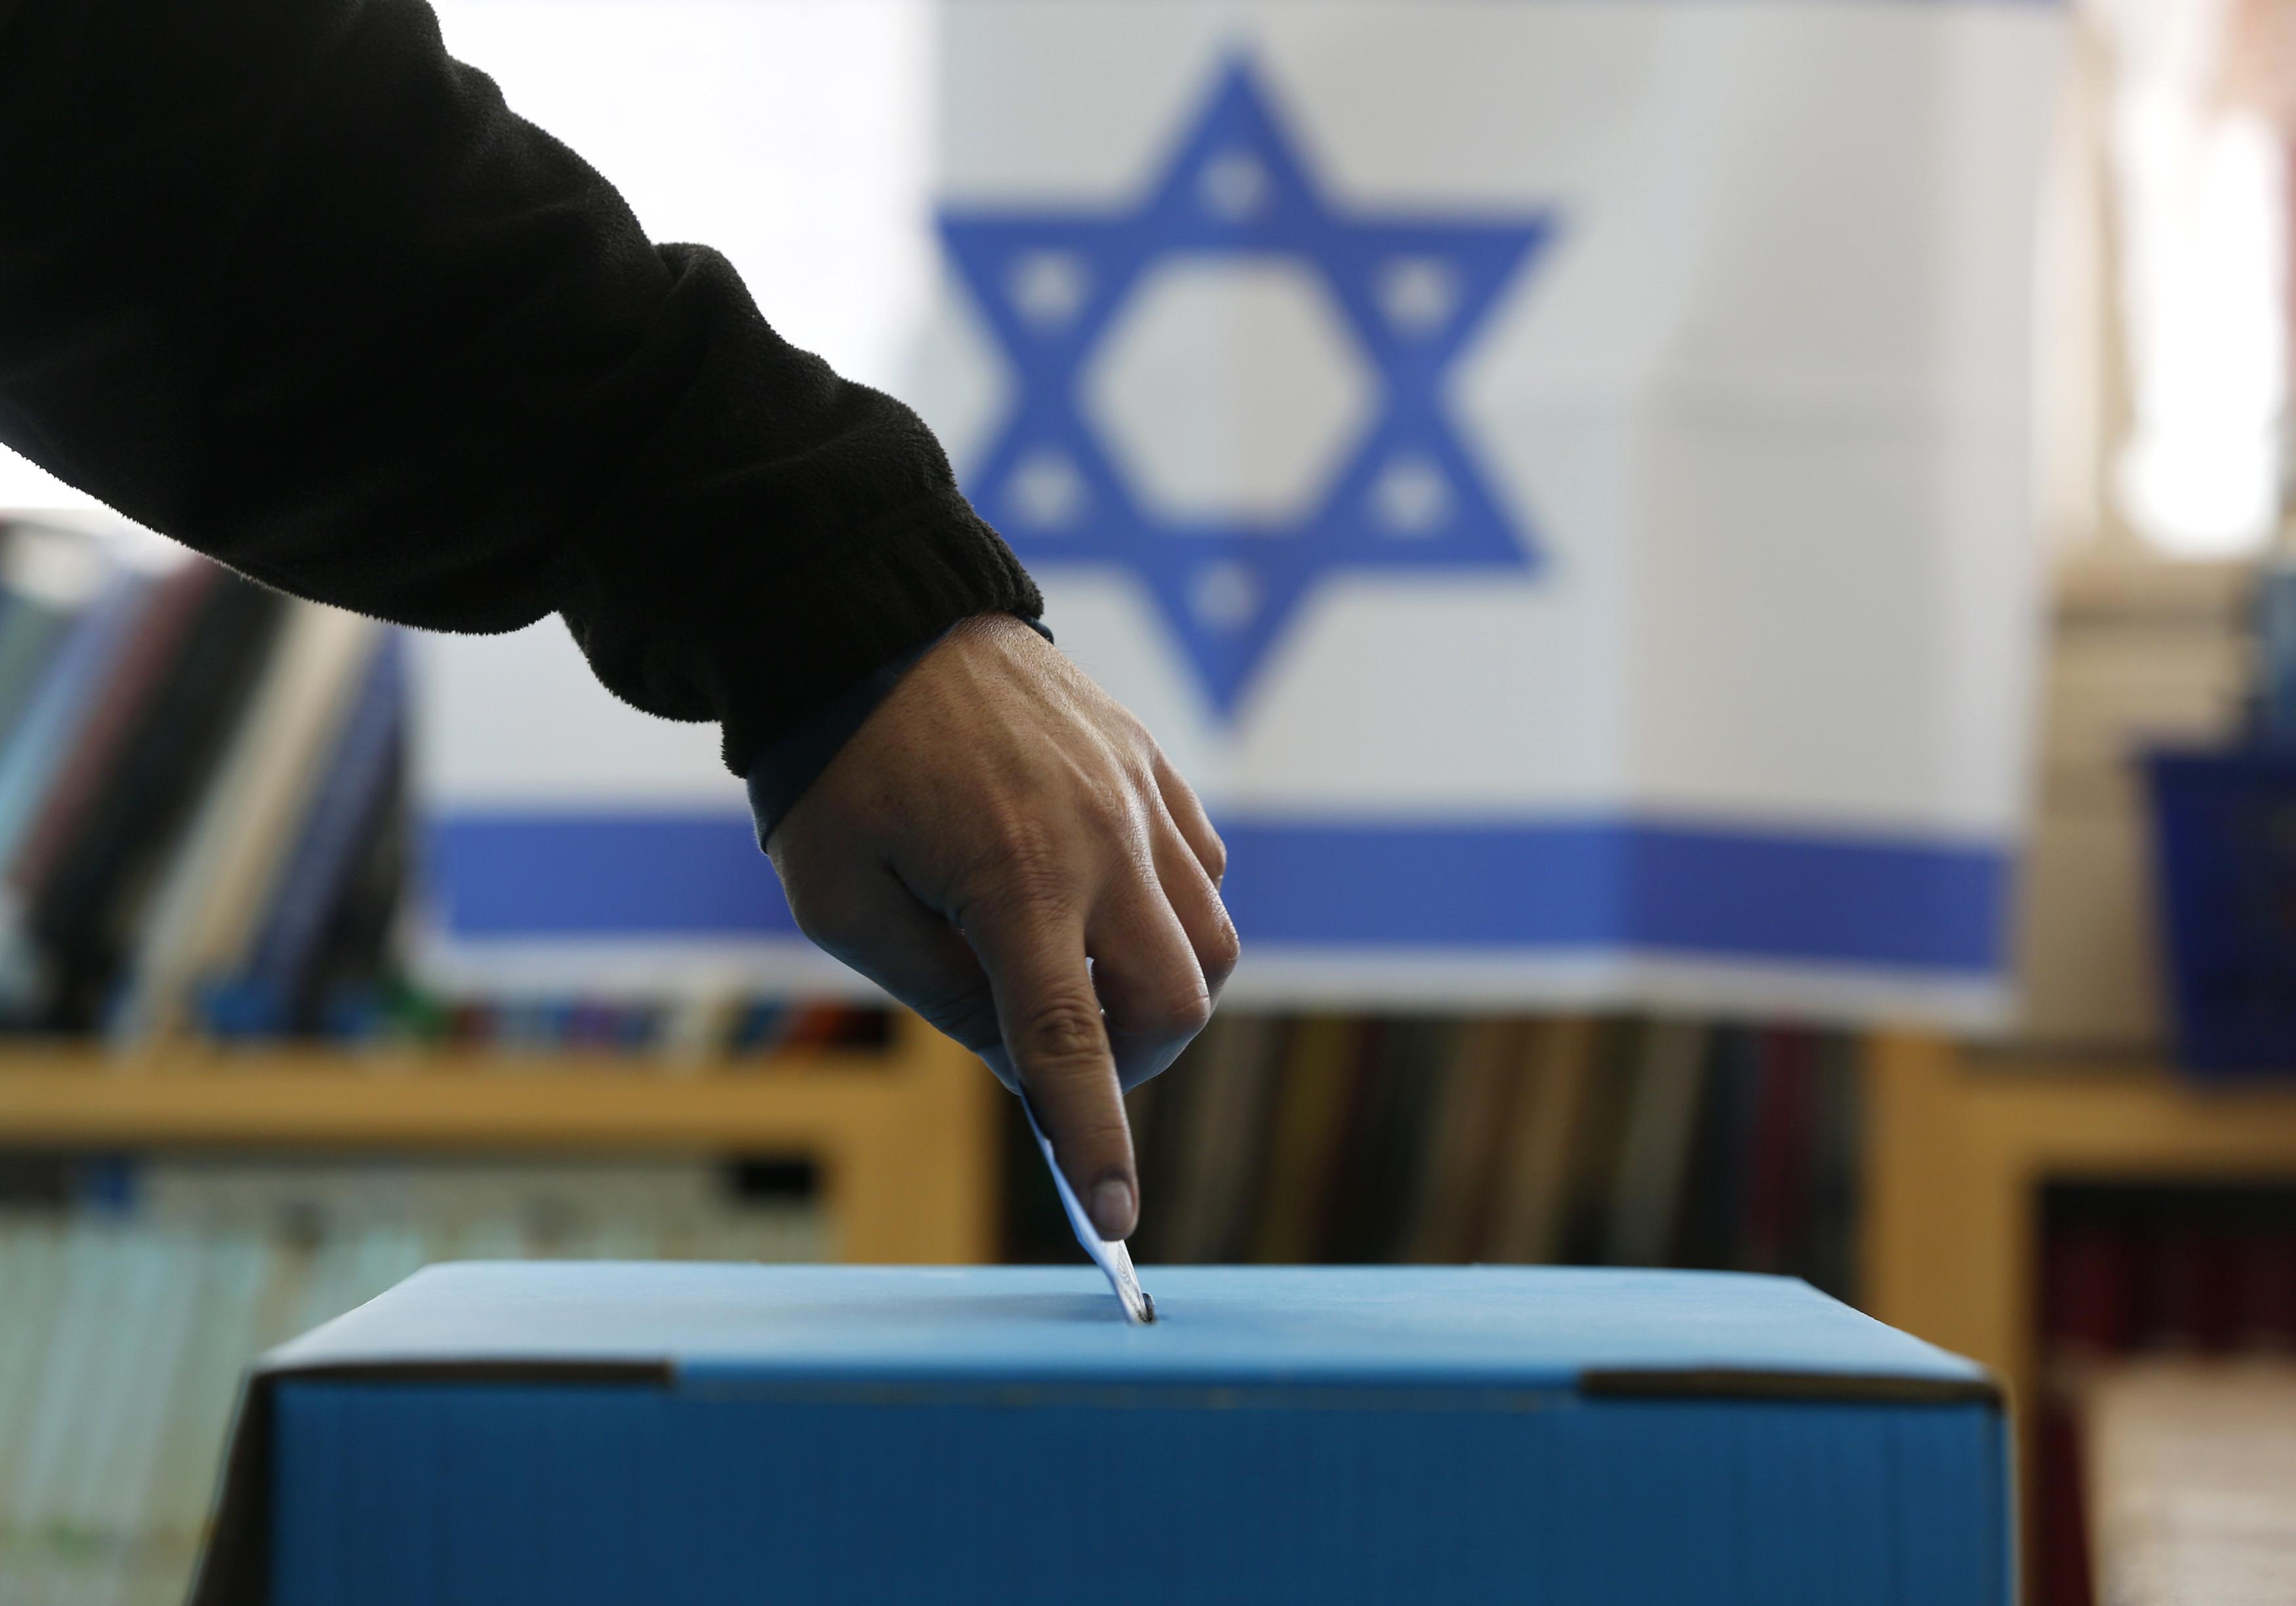 Впервые в истории Израиля пройдут повторные парламентские выборы